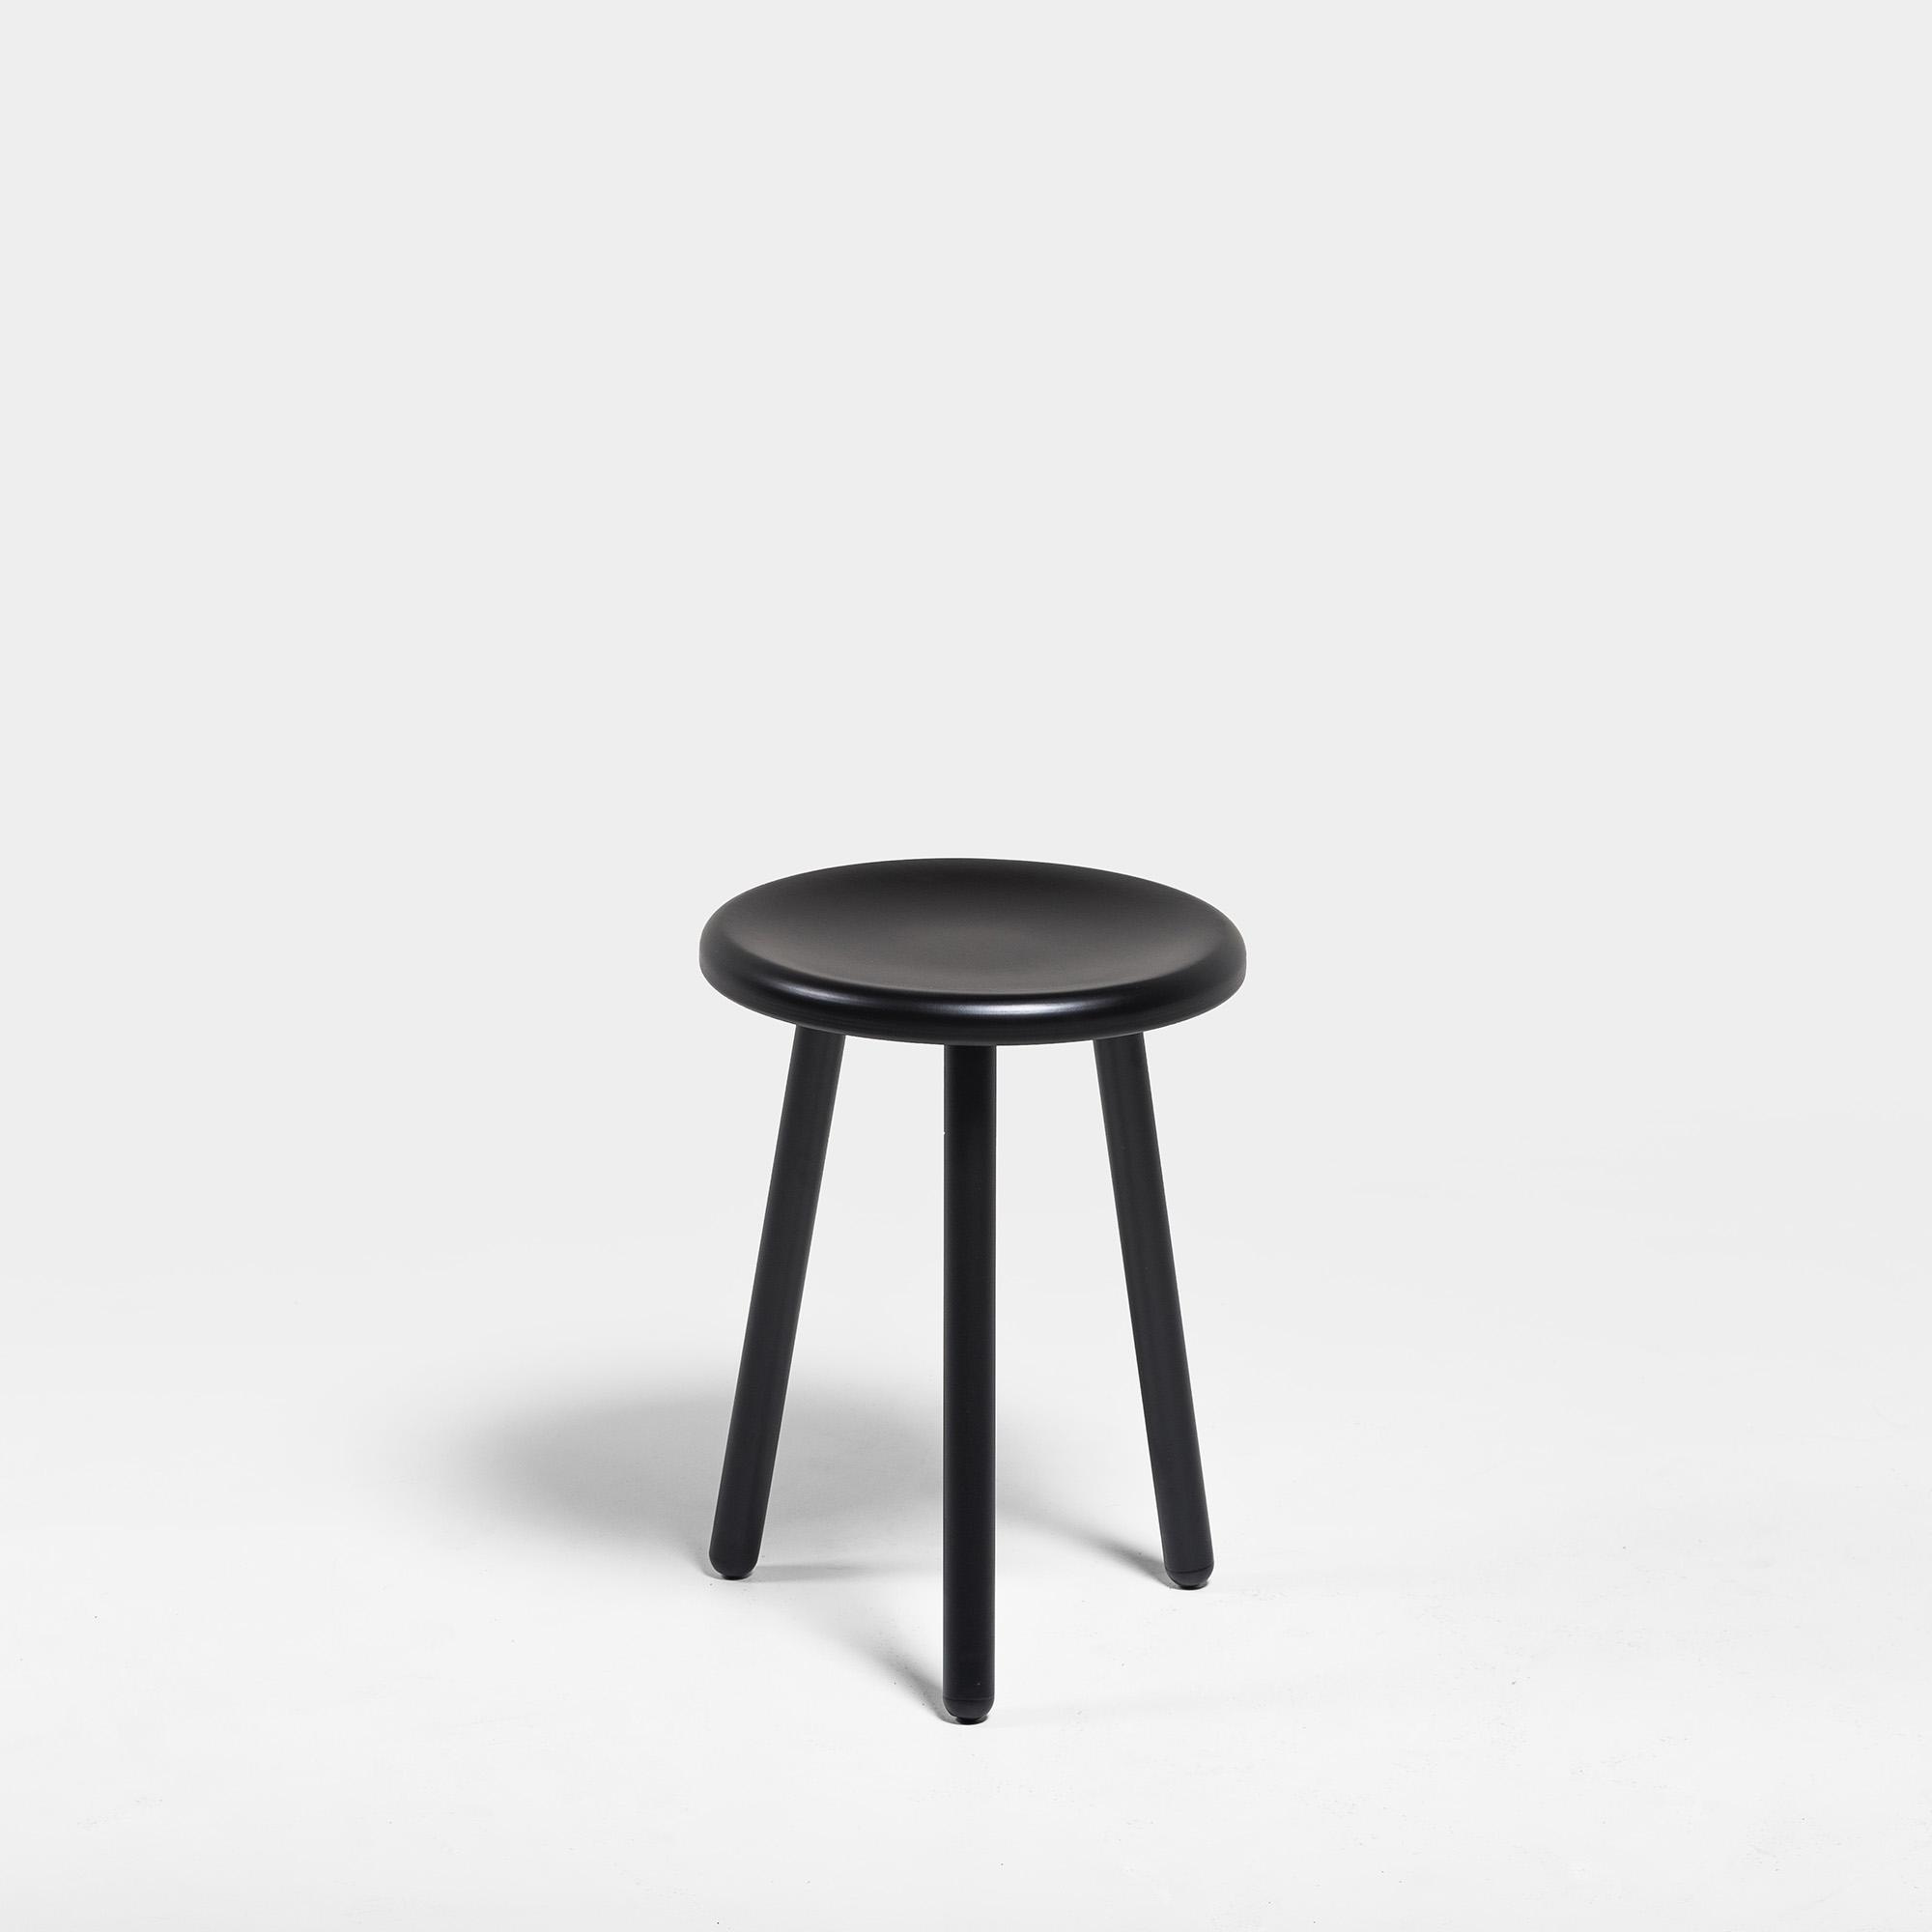 Montmartre_stool_2_2000x2000